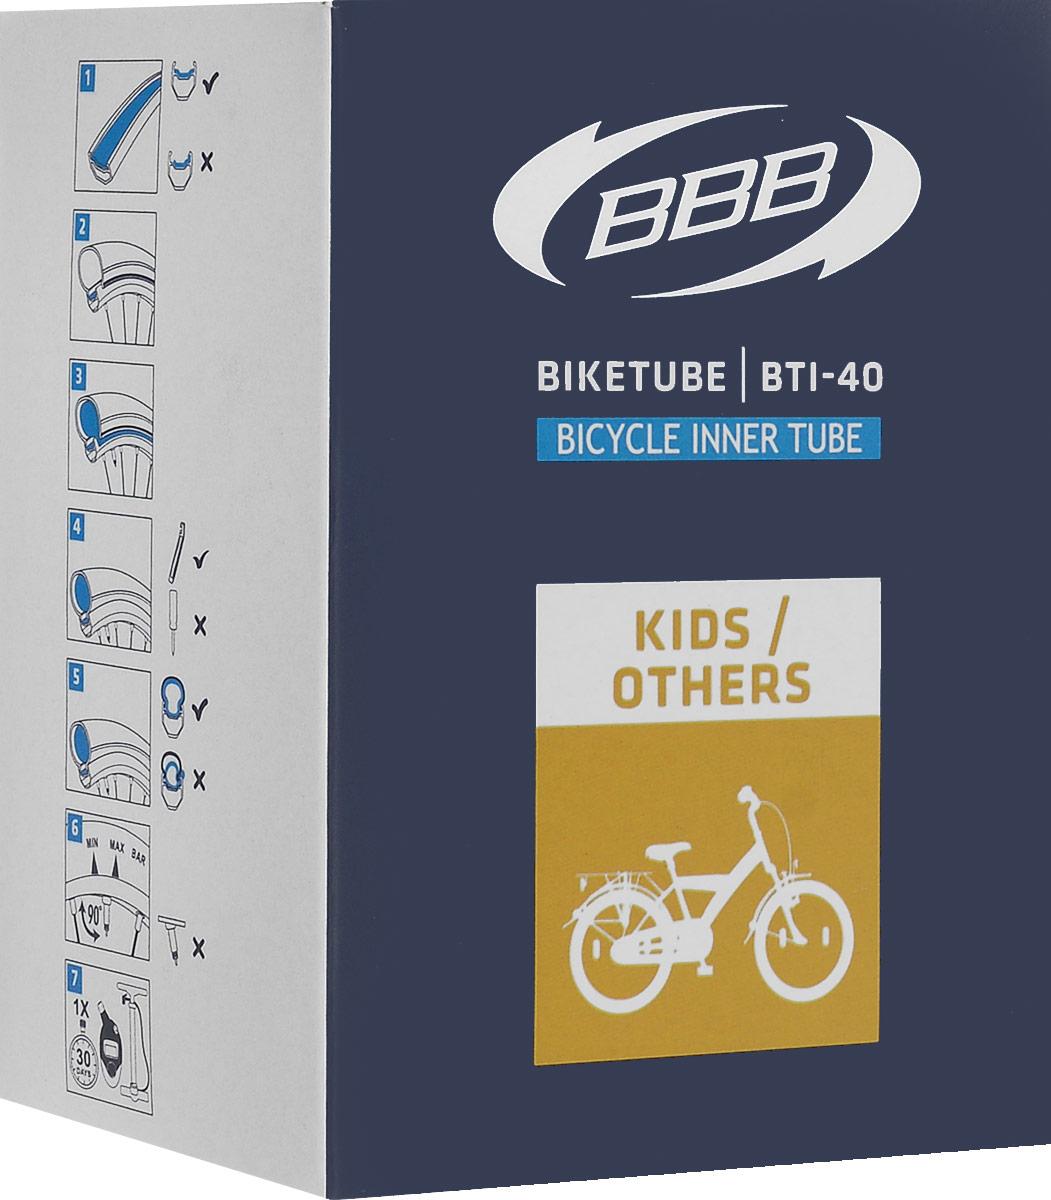 """Камера велосипедная """"BBB"""", диаметр 24"""" BTI-40"""